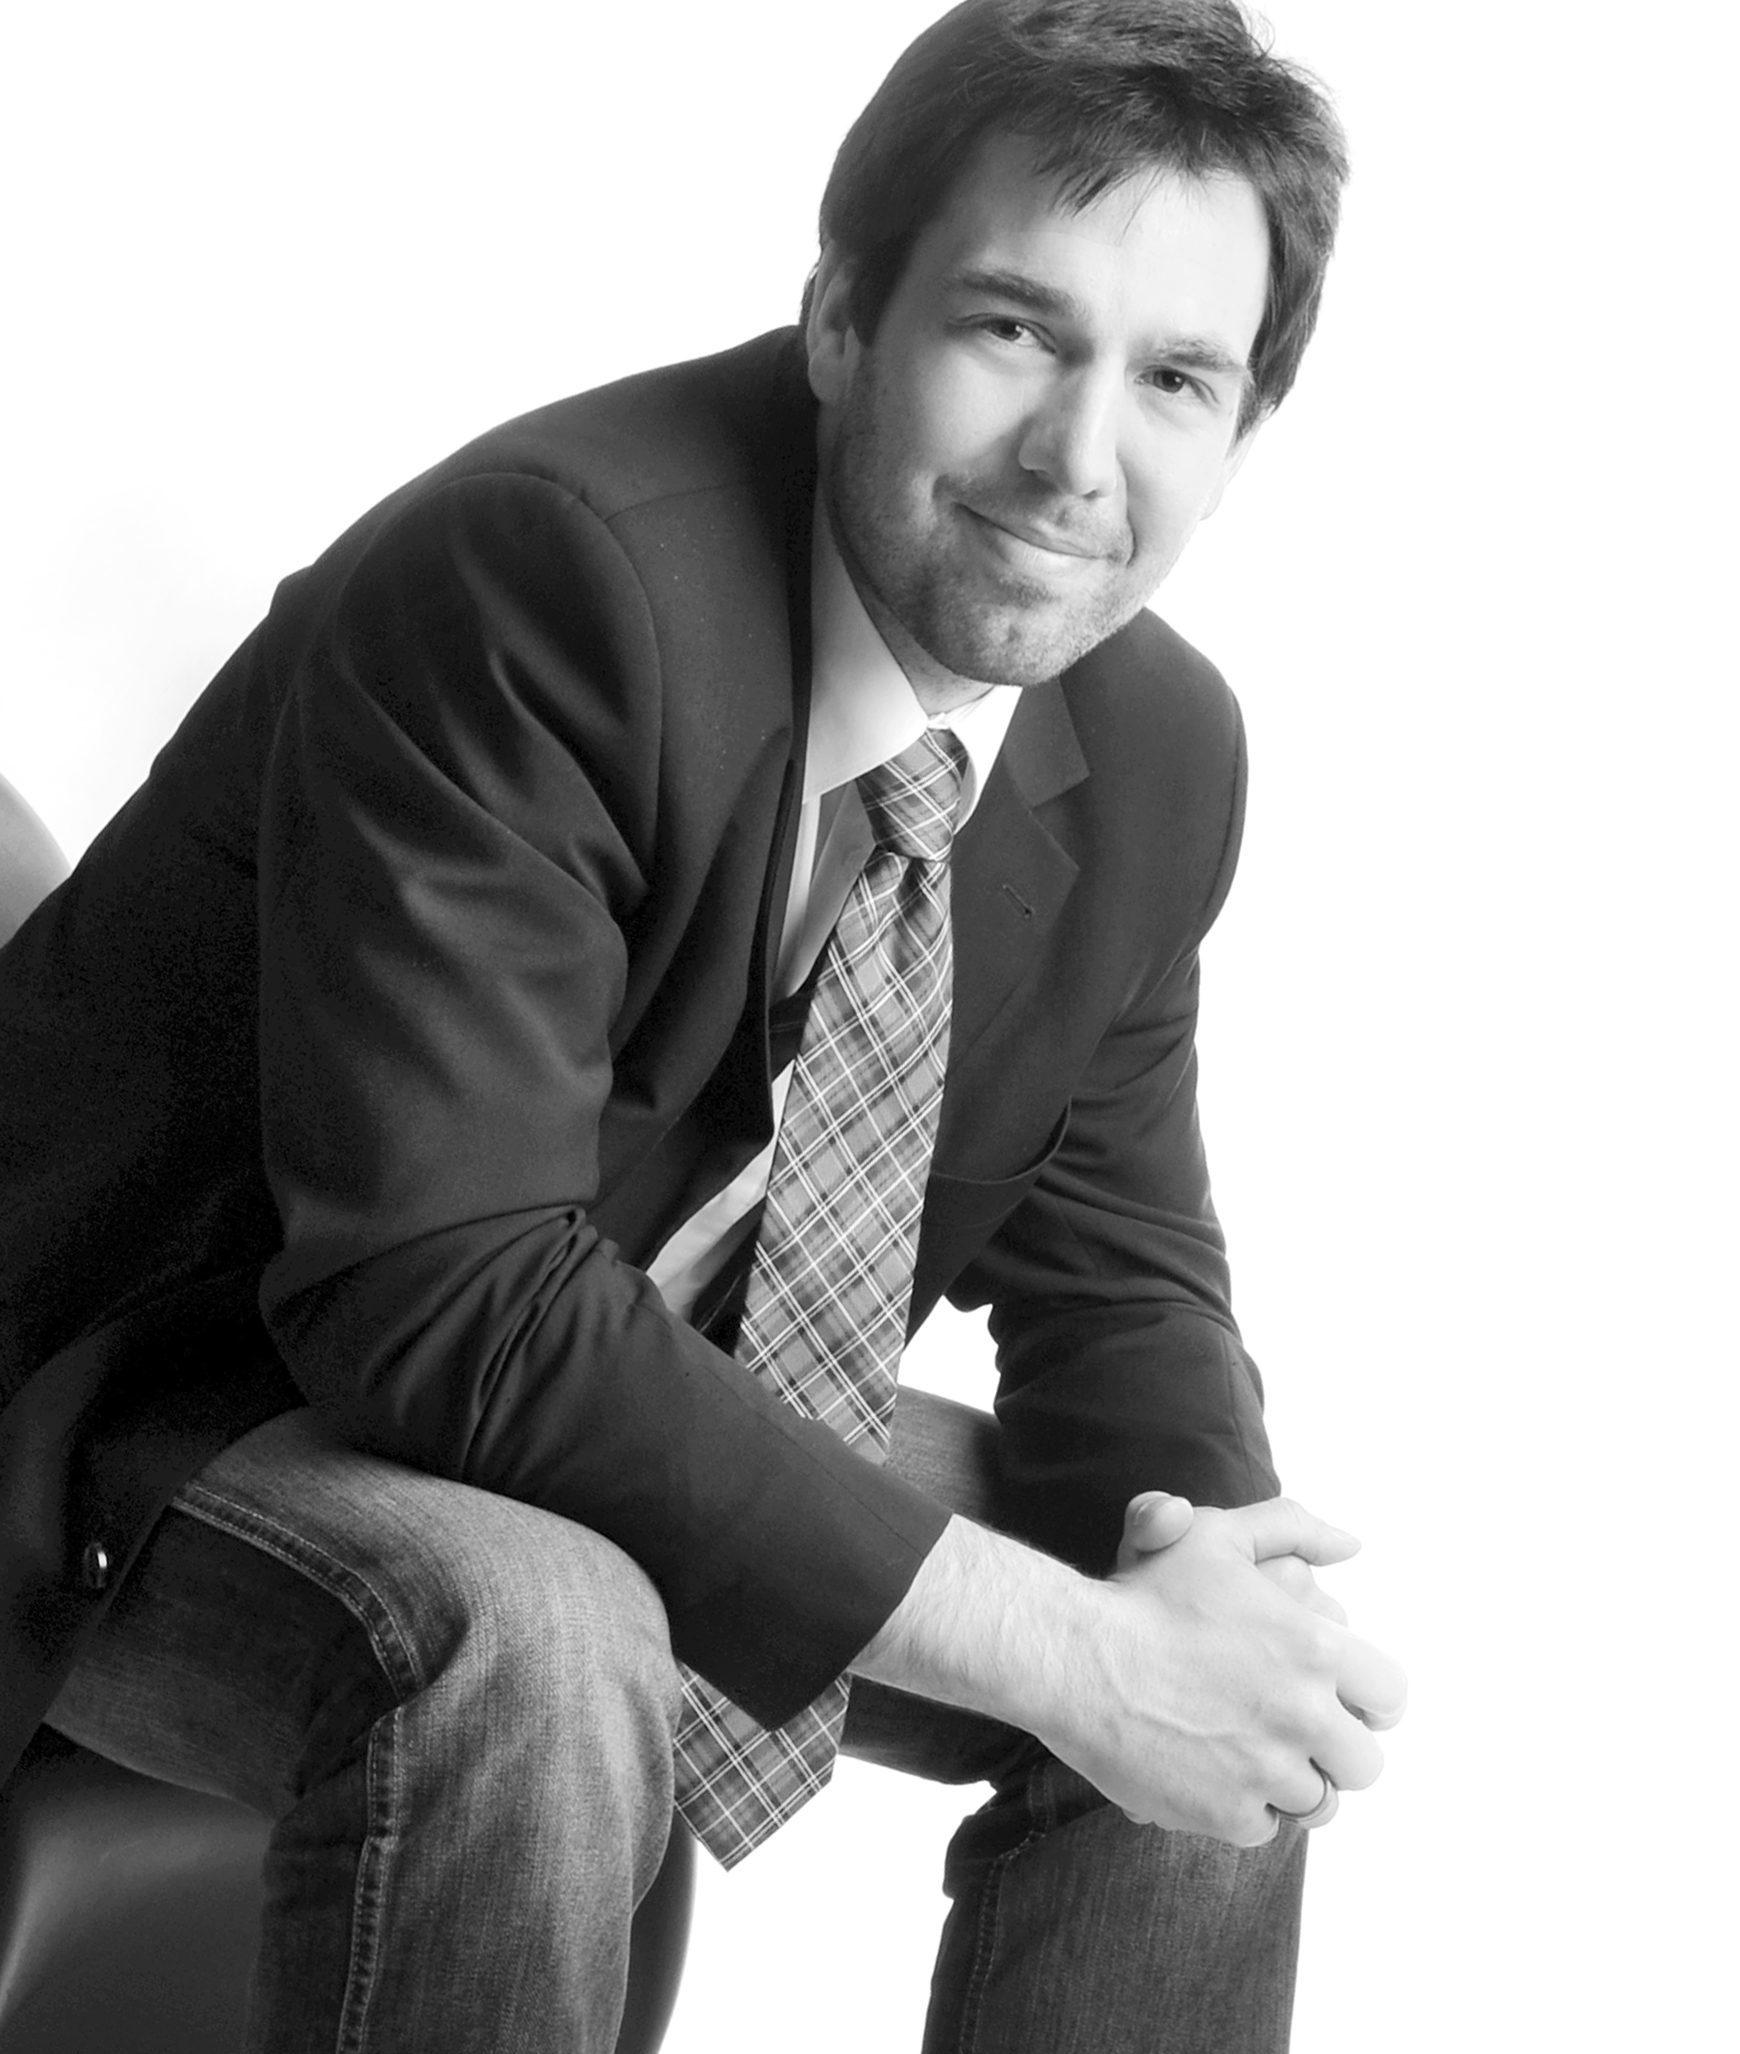 David Schüppel